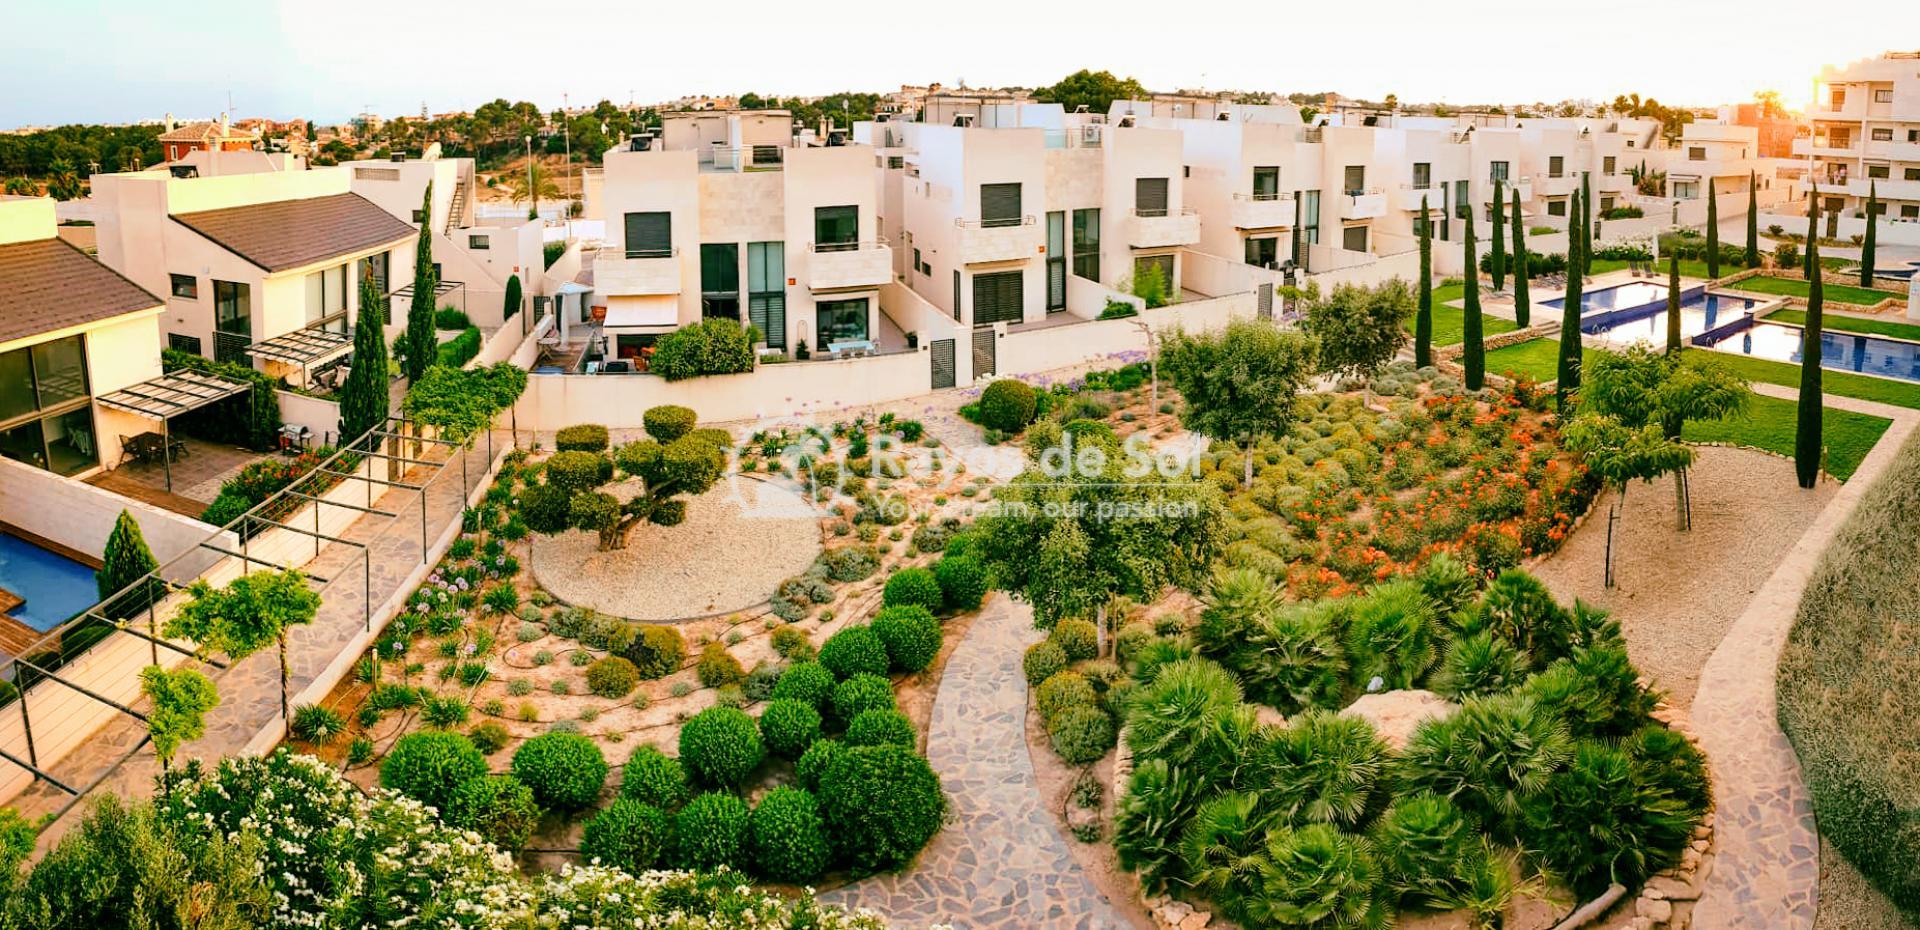 Apartment  in Los Dolses, Orihuela Costa, Costa Blanca (montesolana-tipo-3d) - 40